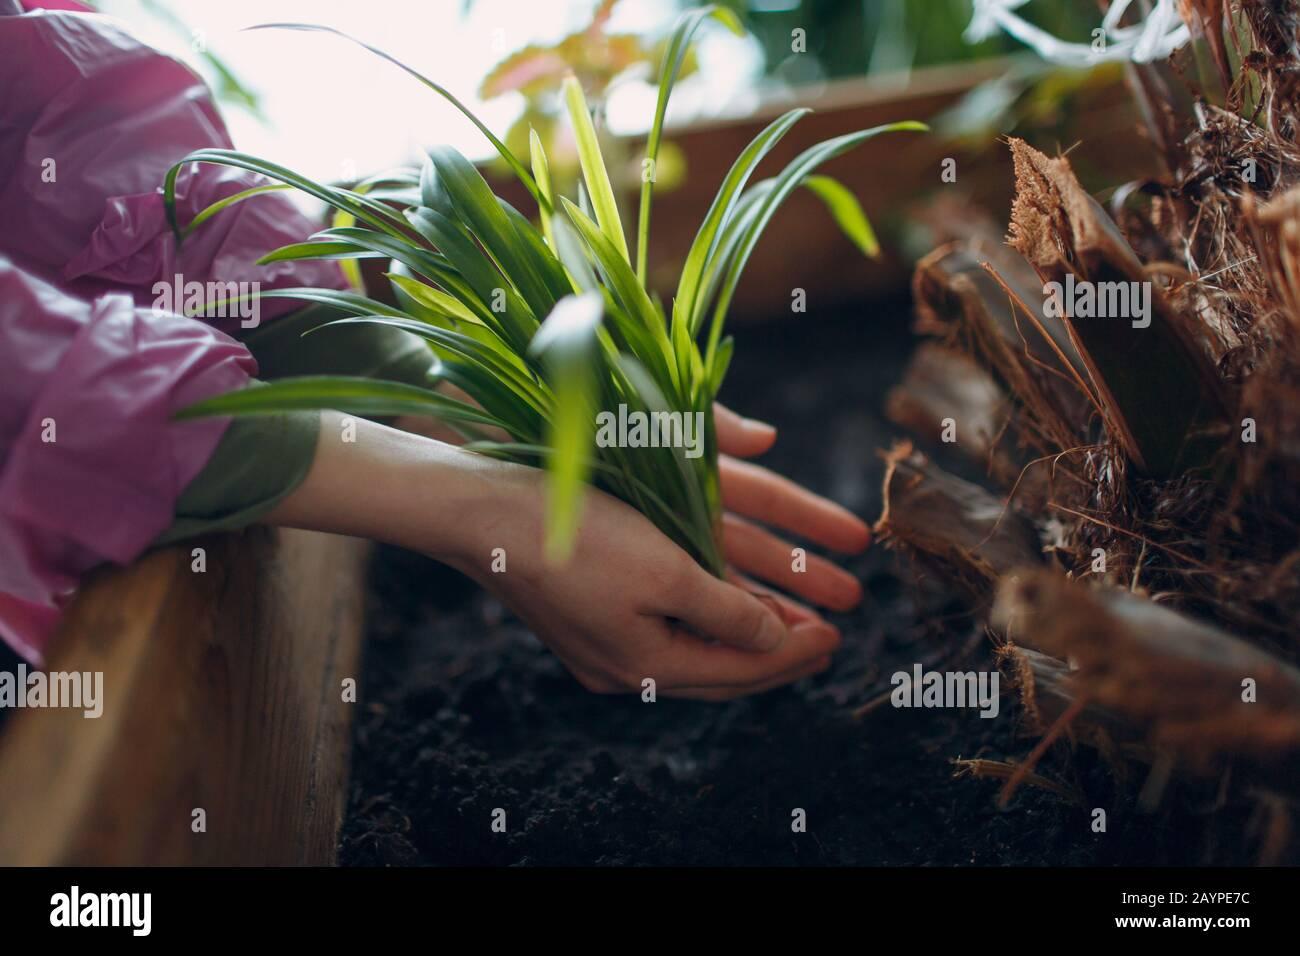 Concepto de jardinería en el hogar. Mujer manos plantando planta de plántulas. Luz del sol sobre las hojas. Foto de stock